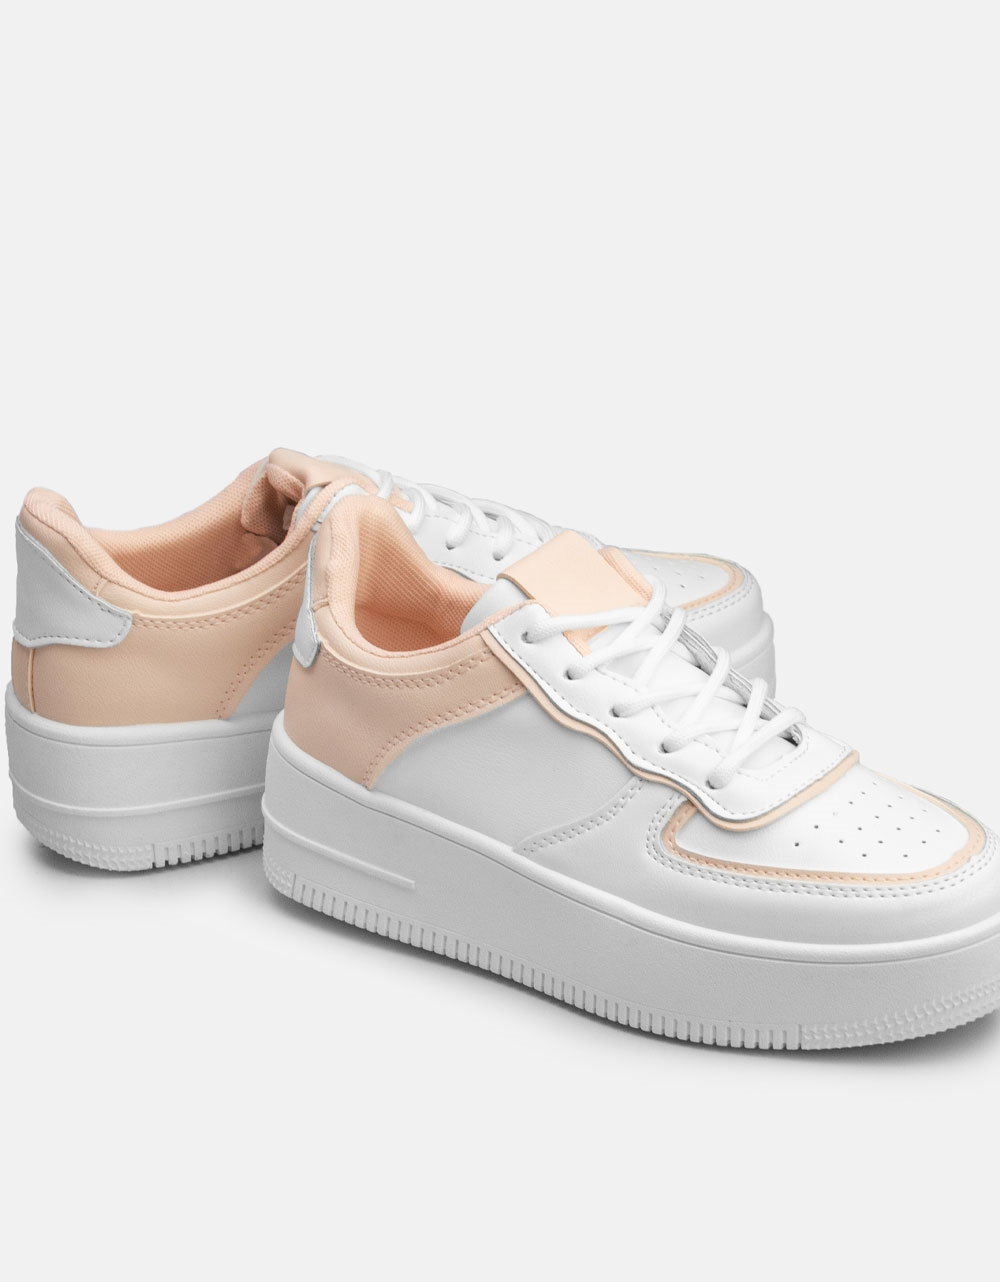 Εικόνα από Γυναικεία sneakers με διπλή σόλα Ροζ